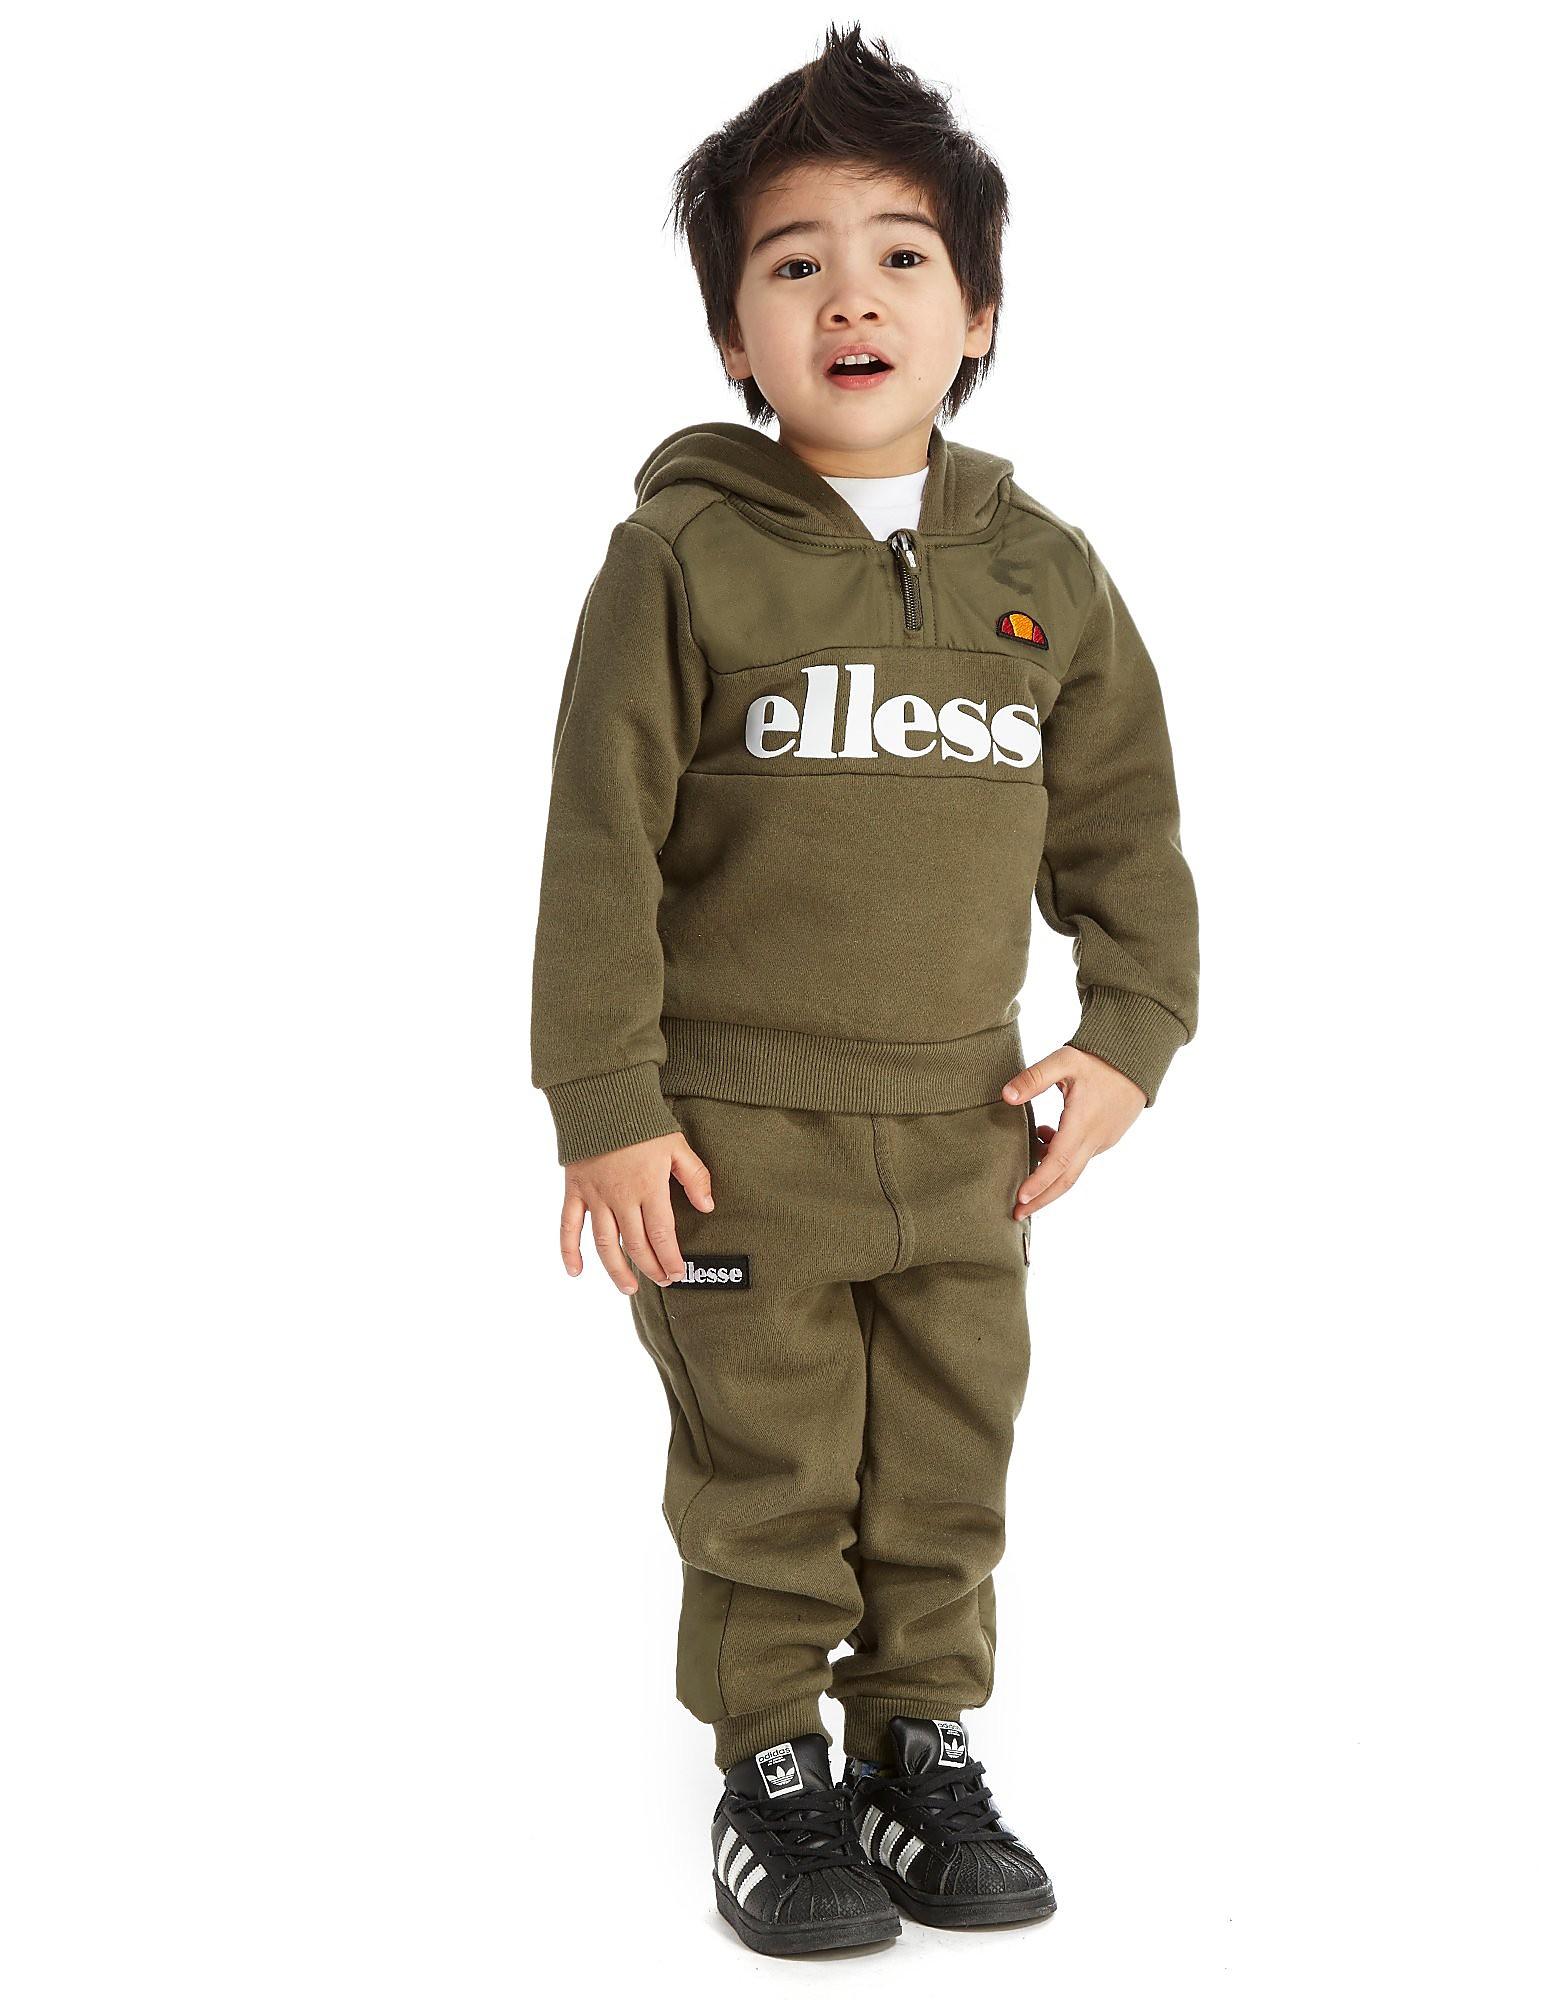 Ellesse Calleno 1/4 Zip Suit Infant